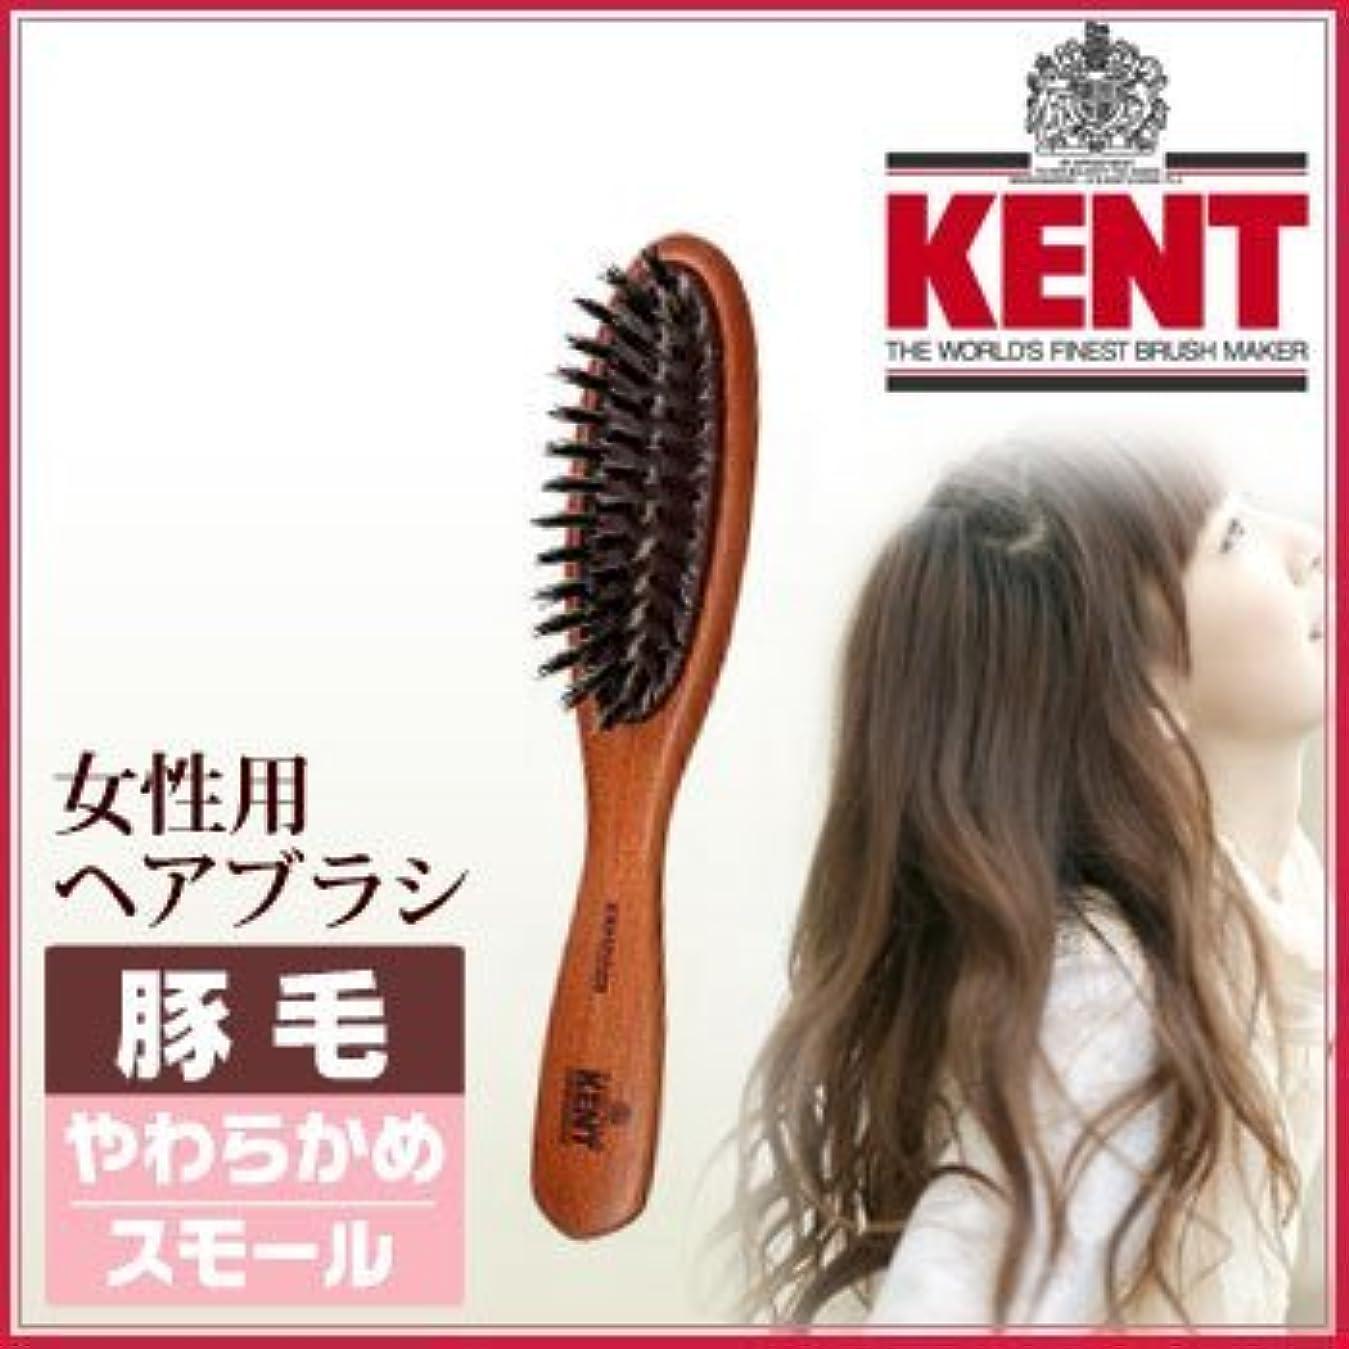 額パーチナシティブランド名KENT レディース トリプレックスブラシ[スモールサイズ/豚毛やわらかめ]KNH-2228